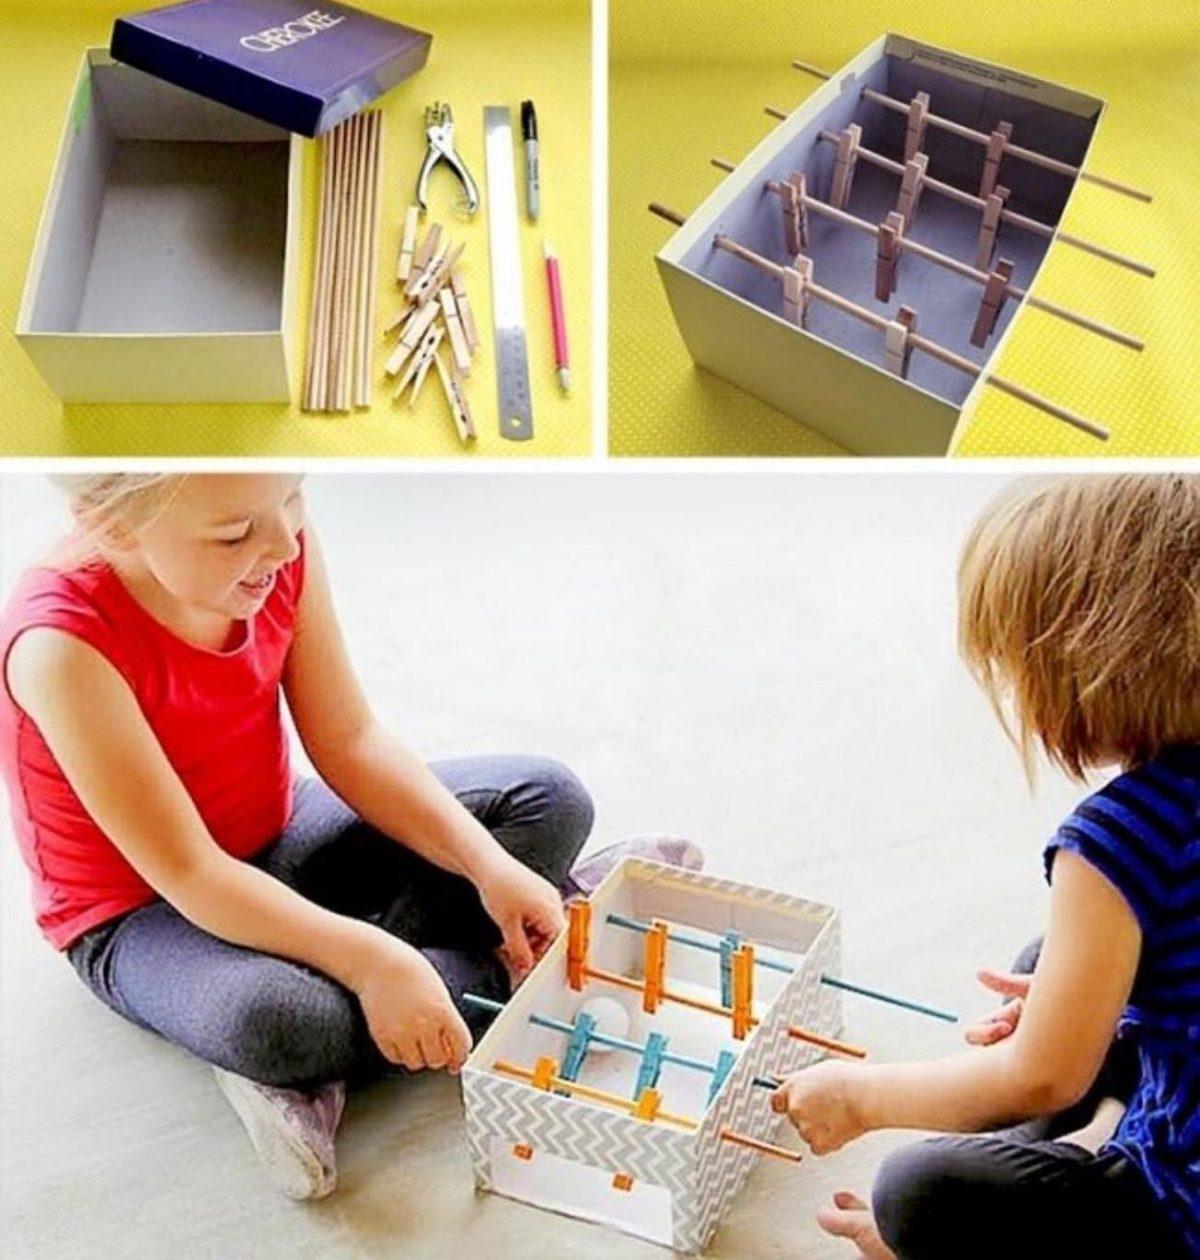 العاب اطفال تعليمية لتنمية قدرات الاطفال العقلية